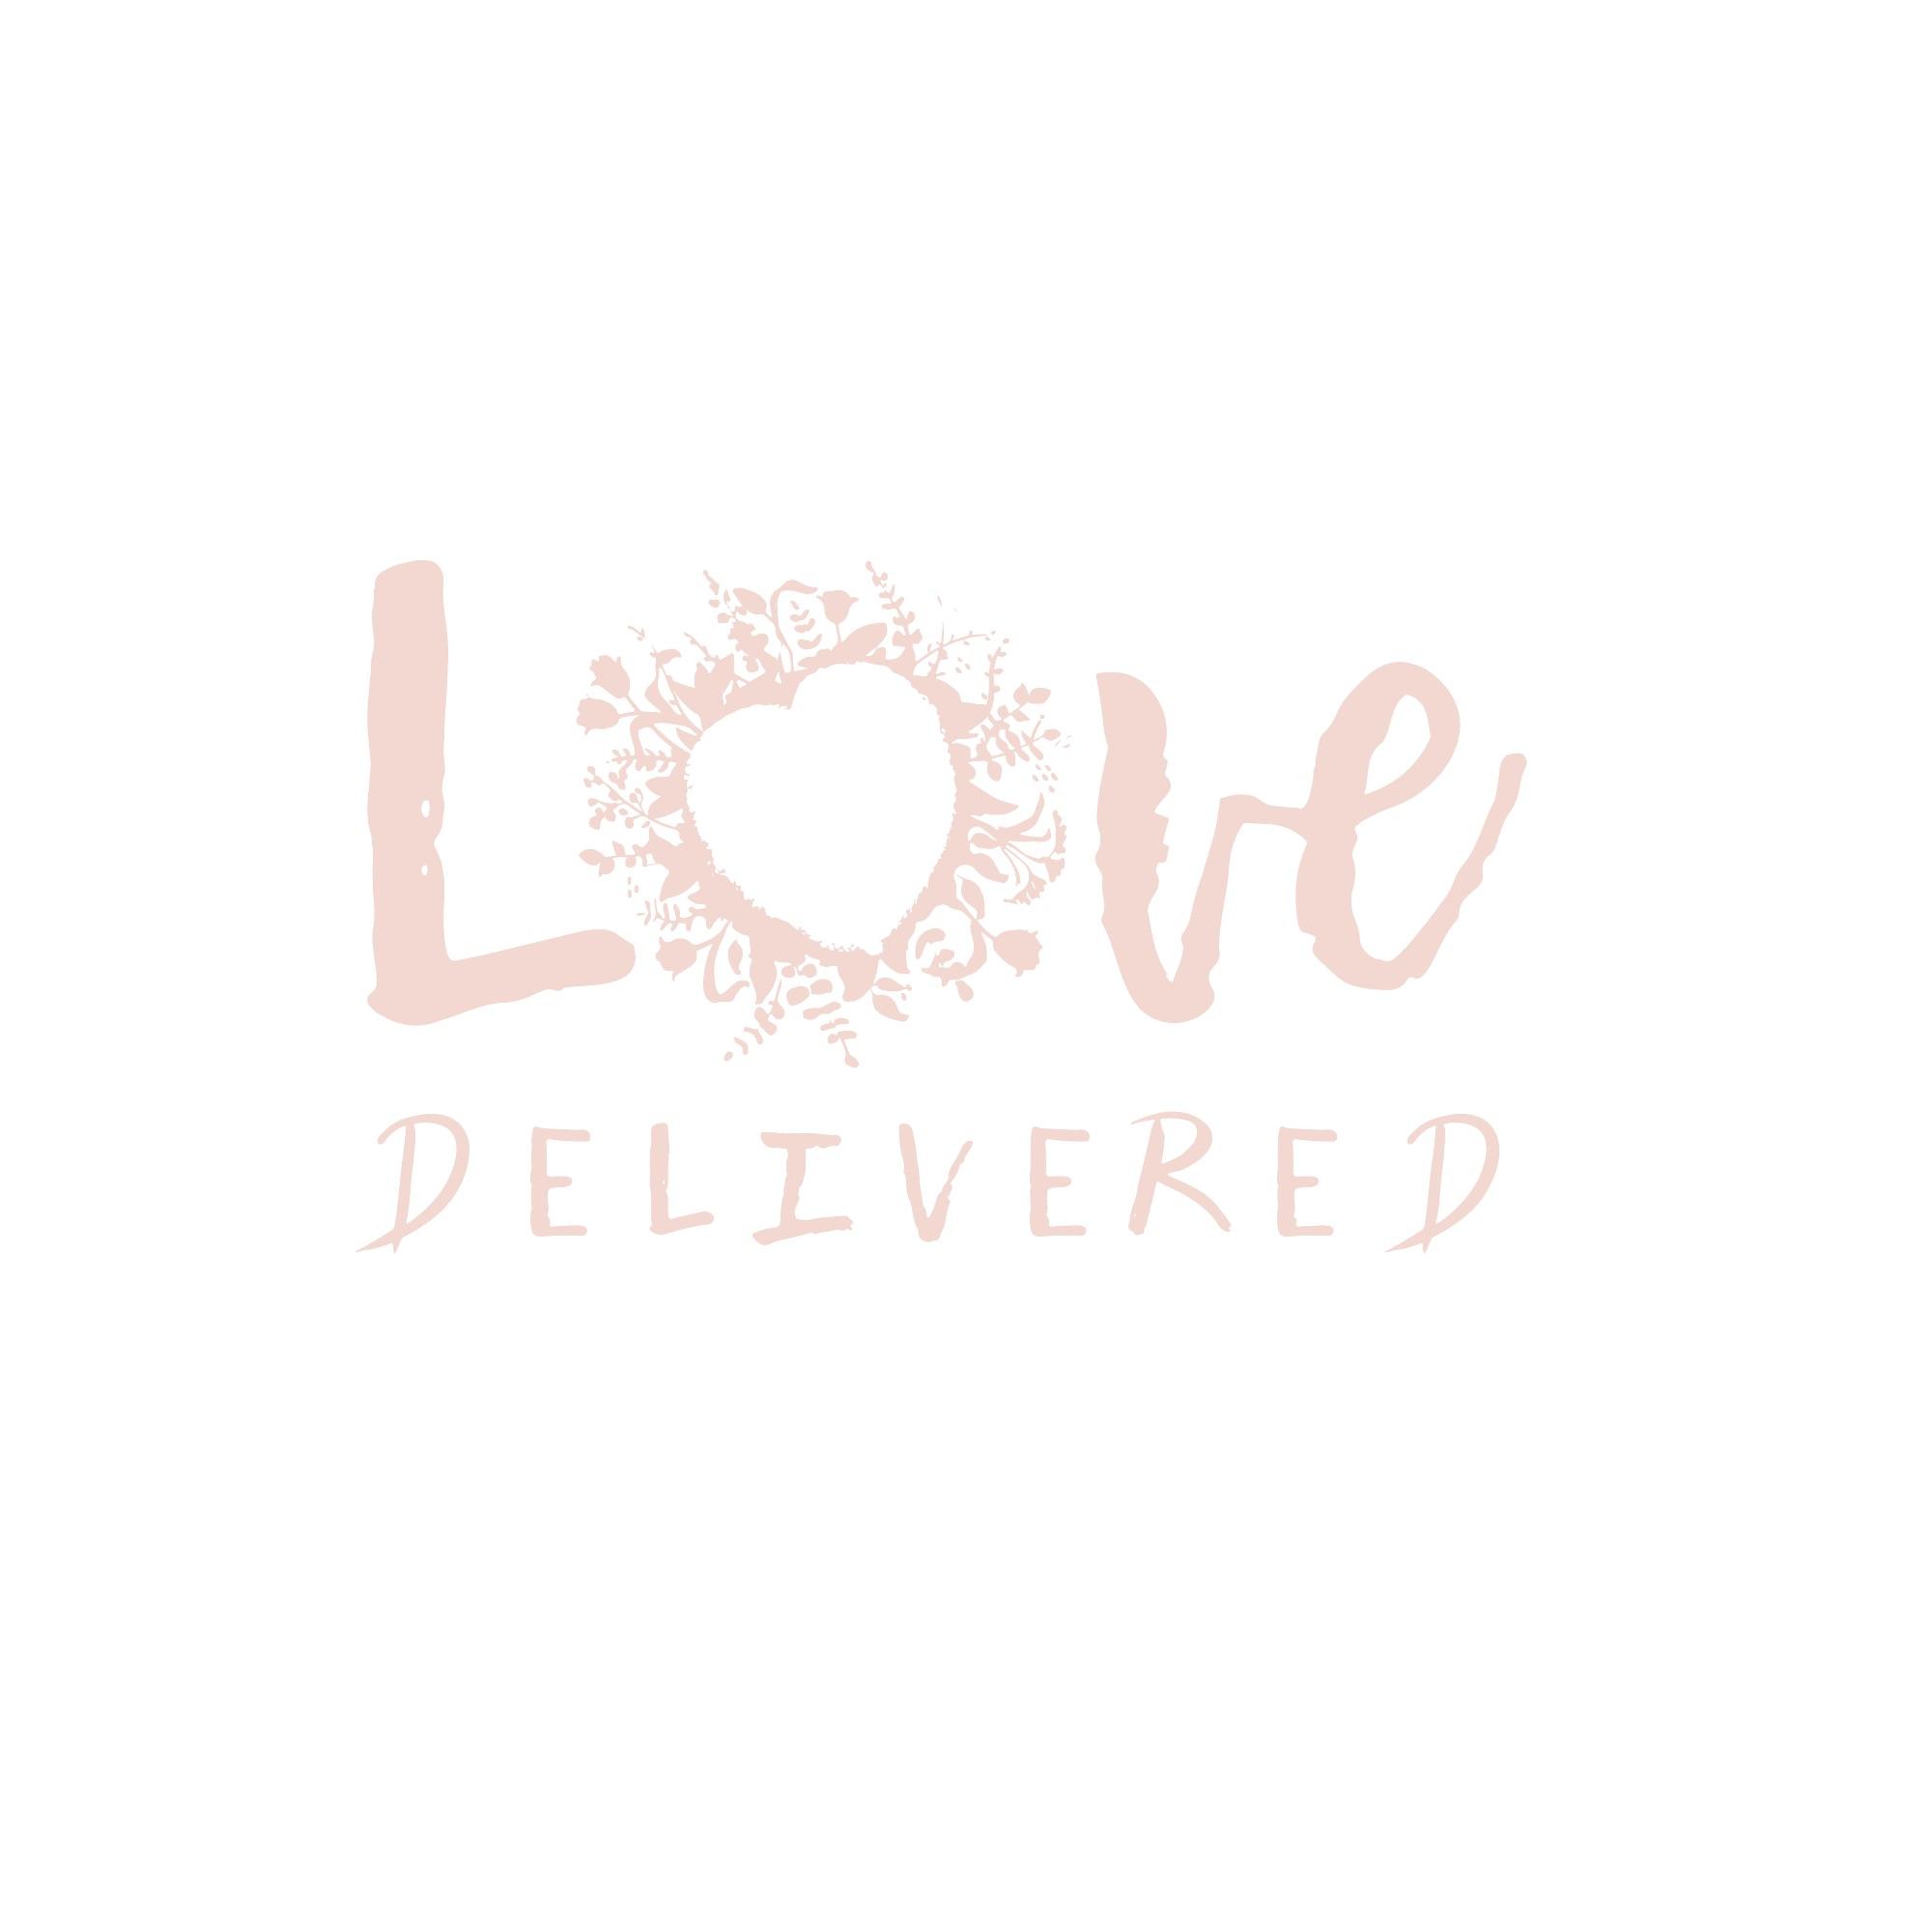 Love delivered logo calamine pink.jpg